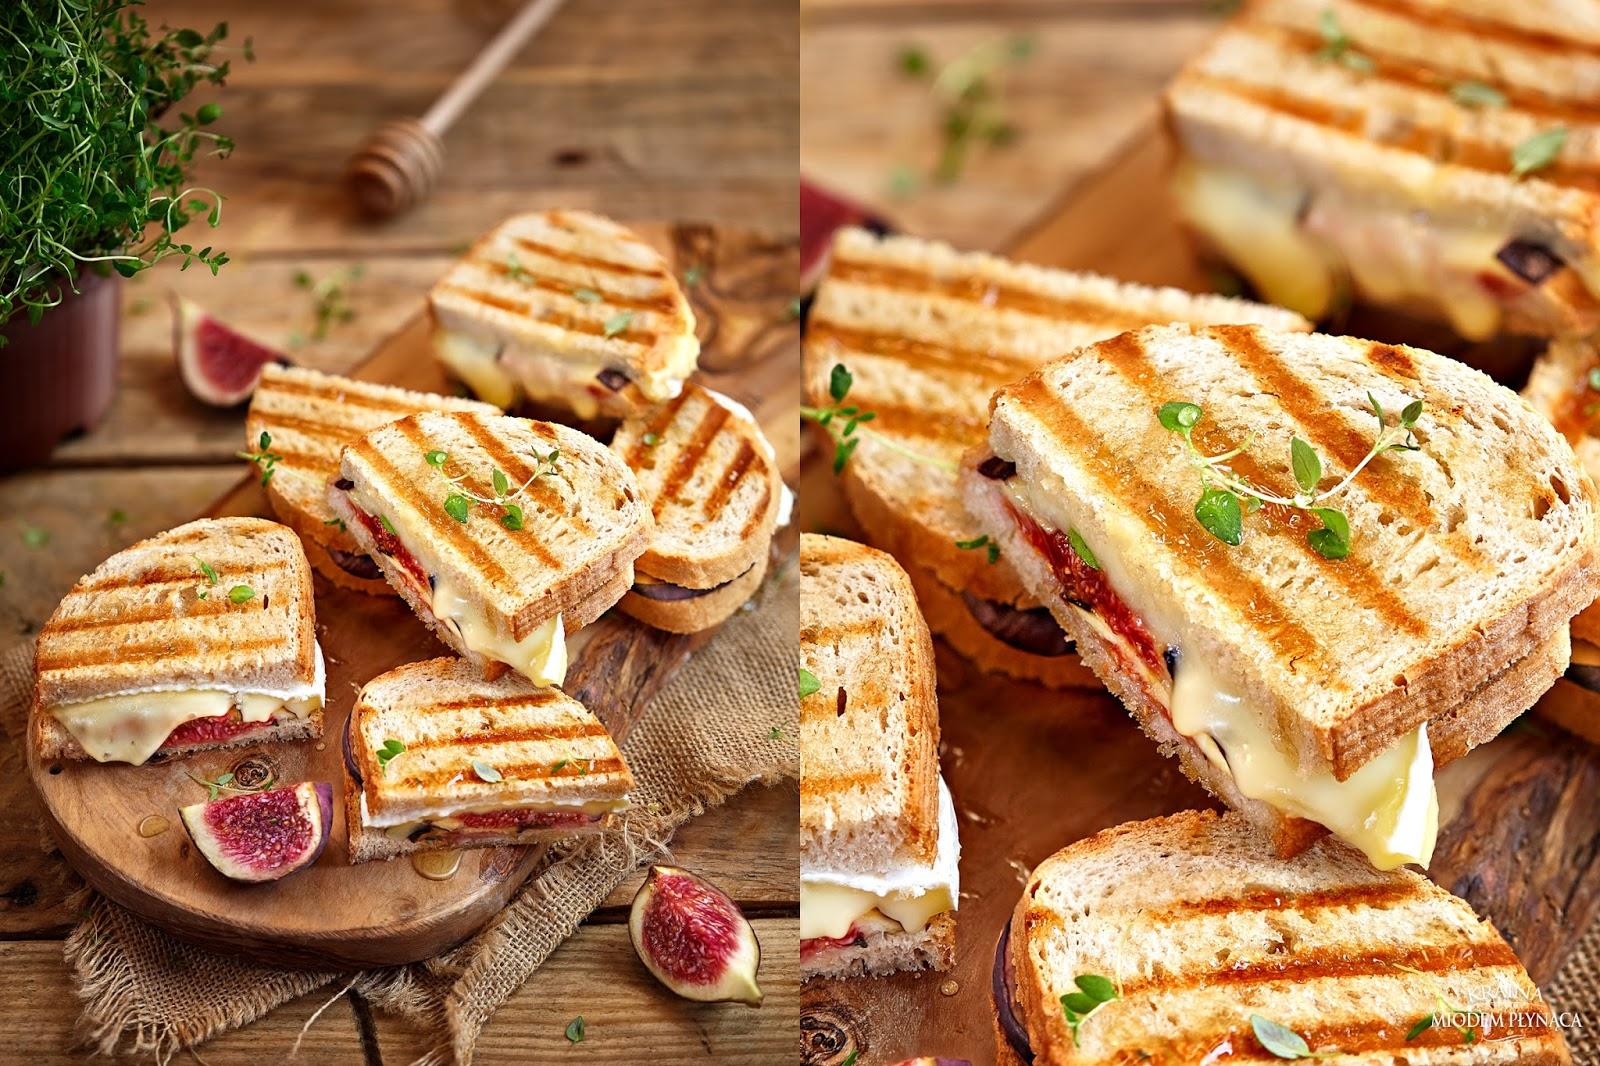 tosty z figą, tosty z serem pleśniowym, zapiekany chleb, tosty z opiekacza, pomysł na figi, świeże figi, kraina miodem płynąca